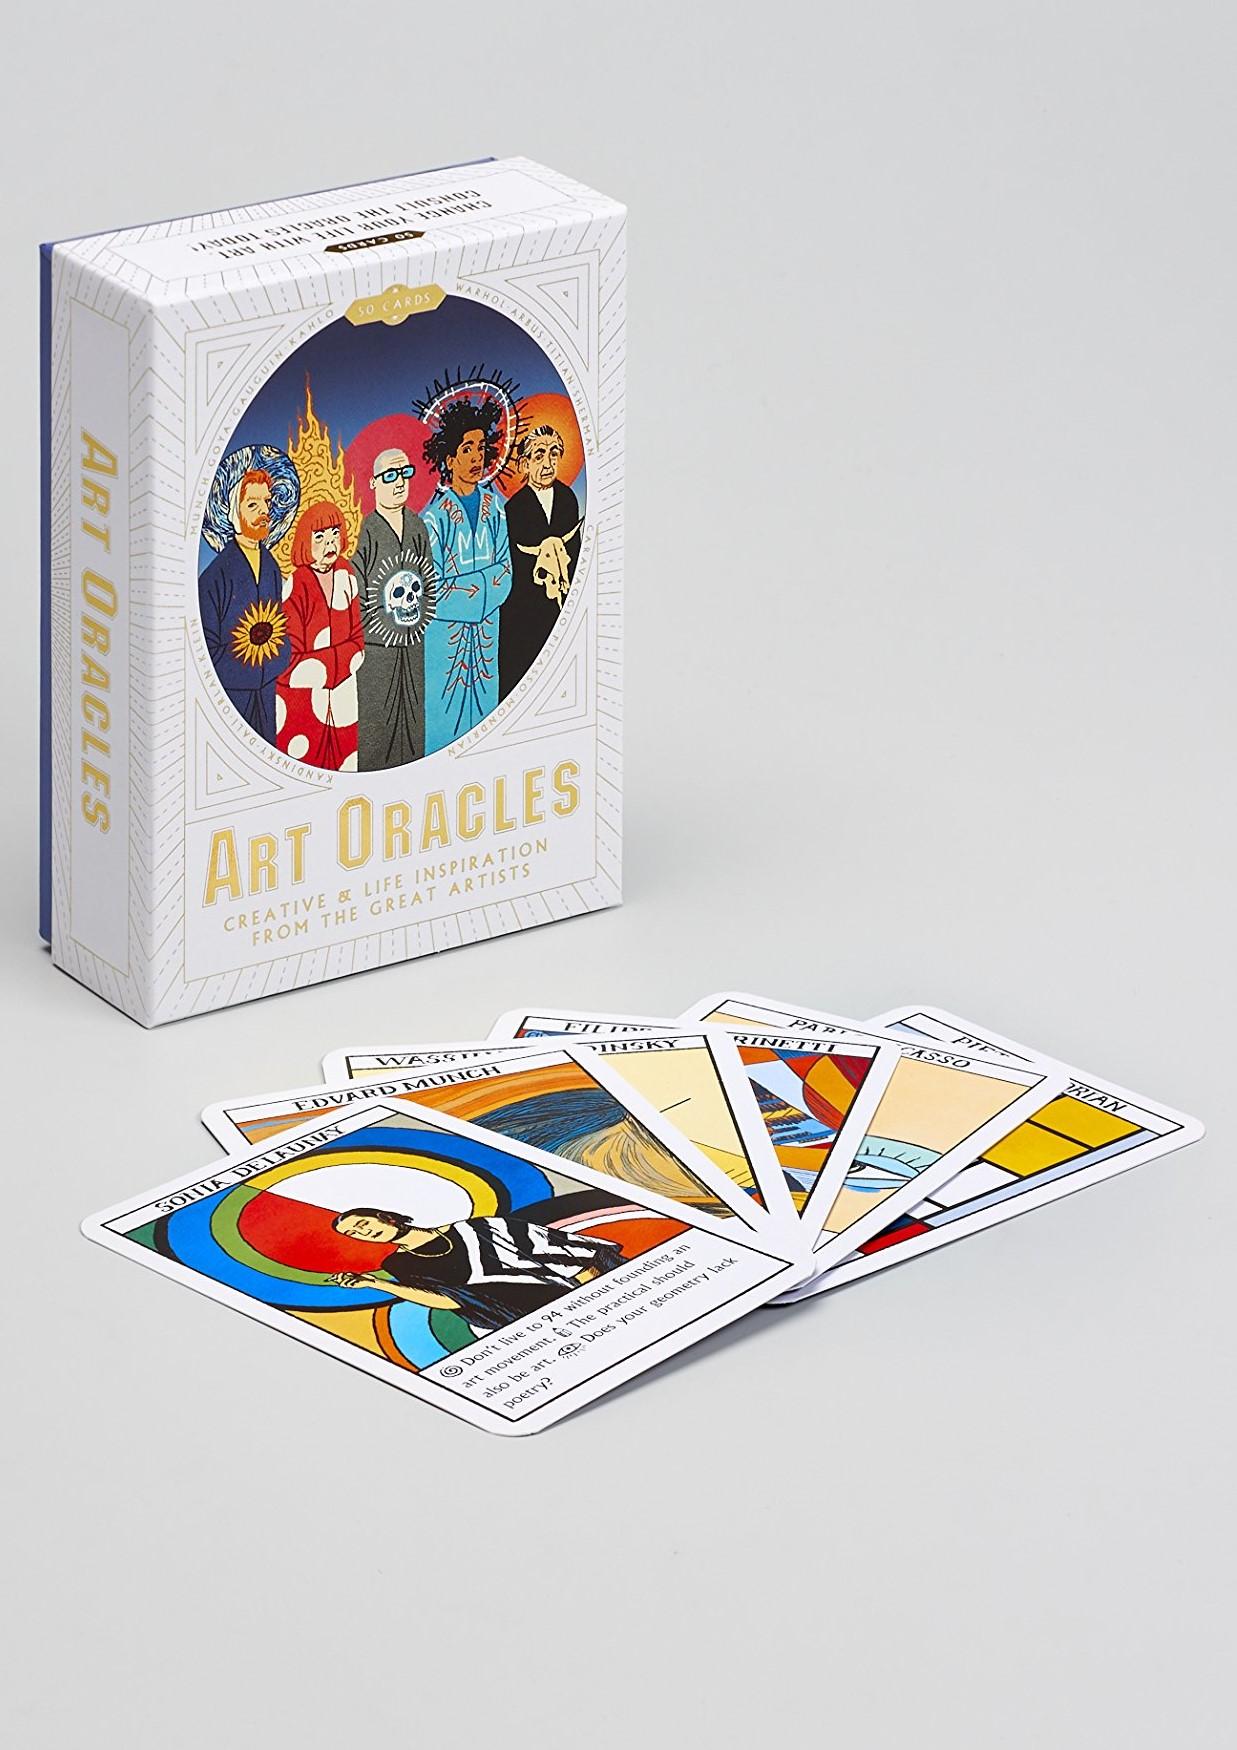 """ART ORACLES : CREATIVE & LIFE INSPIRATION FROM THE GREAT ARTISTS  20 000 F CFA     50 CARTES - JEU DE TAROT - INSPIRATION CREATIVE ET CONSEILS DE VIE DES PLUS GRANDS ARTISTES""""   """"Un jeu de cartes oracles divertissant, inspiré des plus grands artistes. Prêtez-vous au jeu en demandant conseil et laissez-vous guider. Découvrez ce que Warhol, Matisse, Kahlo et d'autres grands feraient à votre place. Le coffret comprend 50 cartes illustrées et un livret d'instructions comprenant les biographies des artistes."""""""